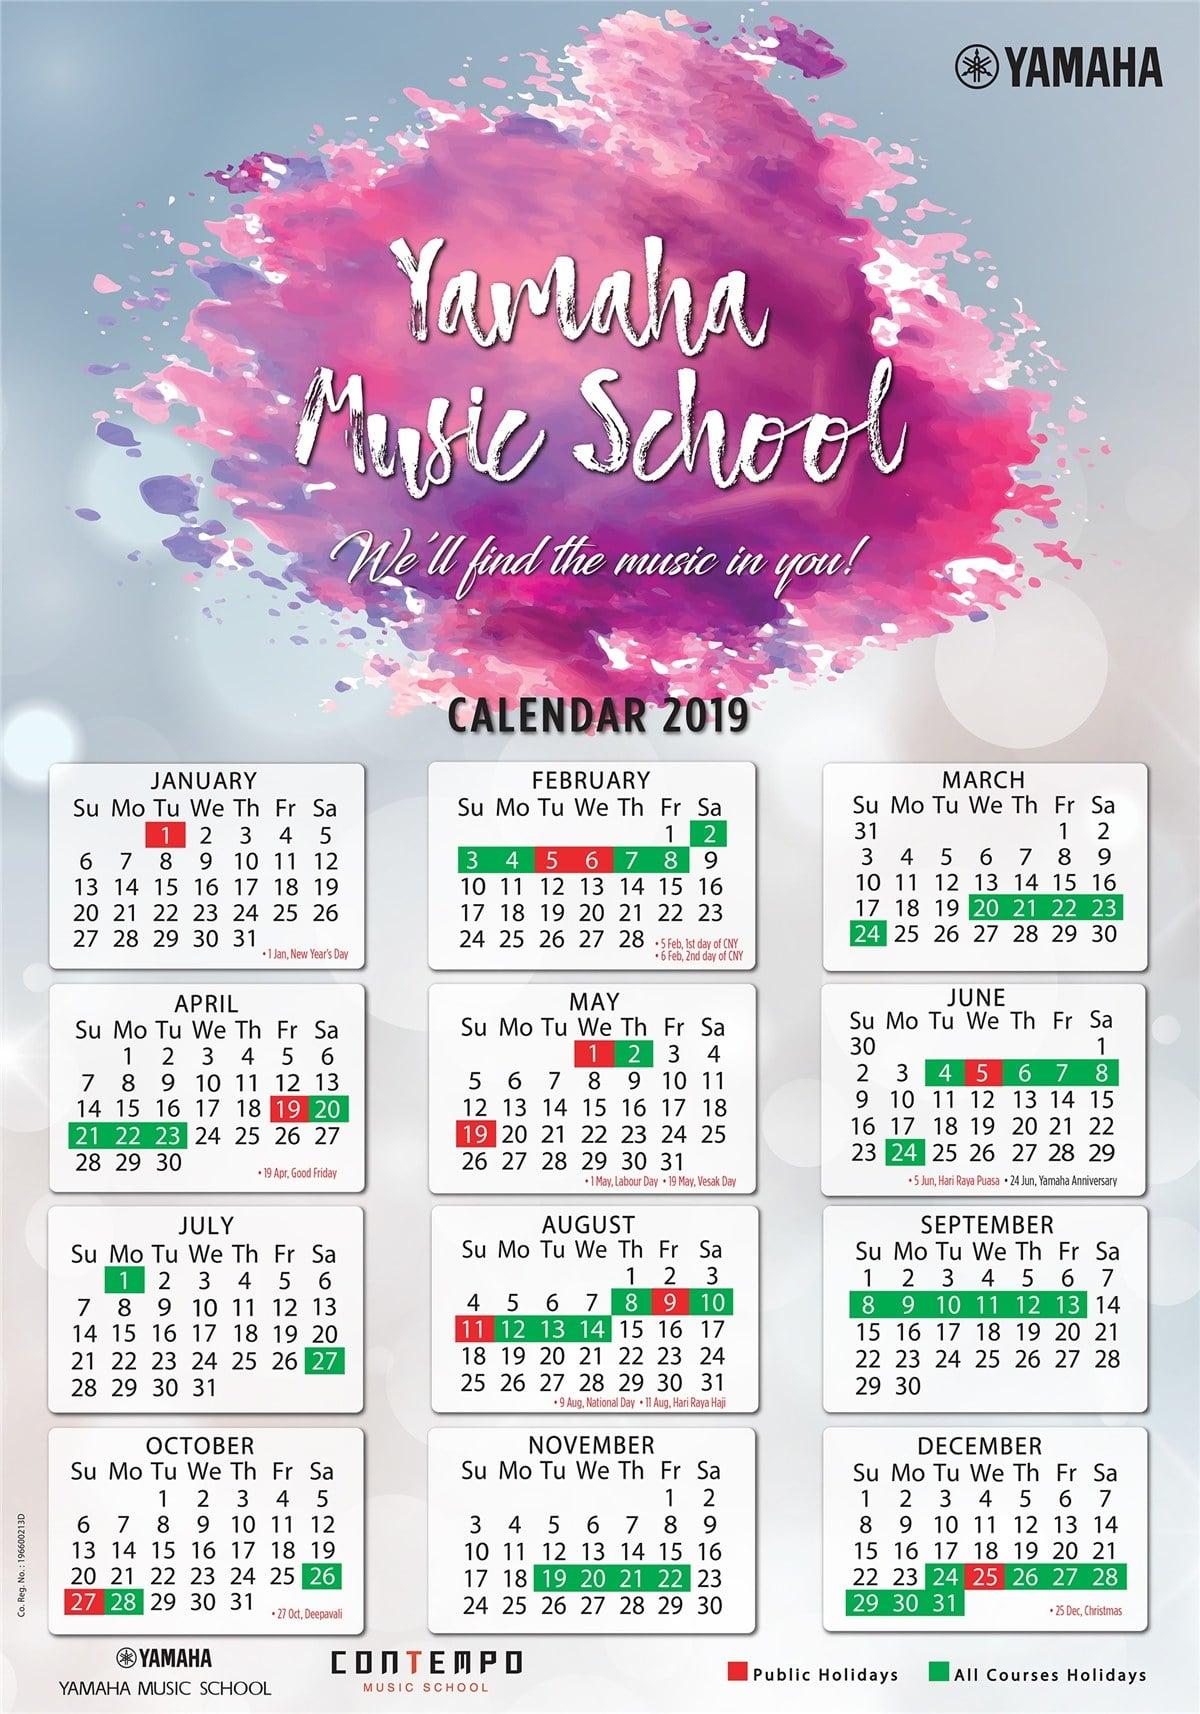 Yamaha Course Calendar 2019  Yamaha  Singapore regarding Yamaha Calendar 2020 Singapore